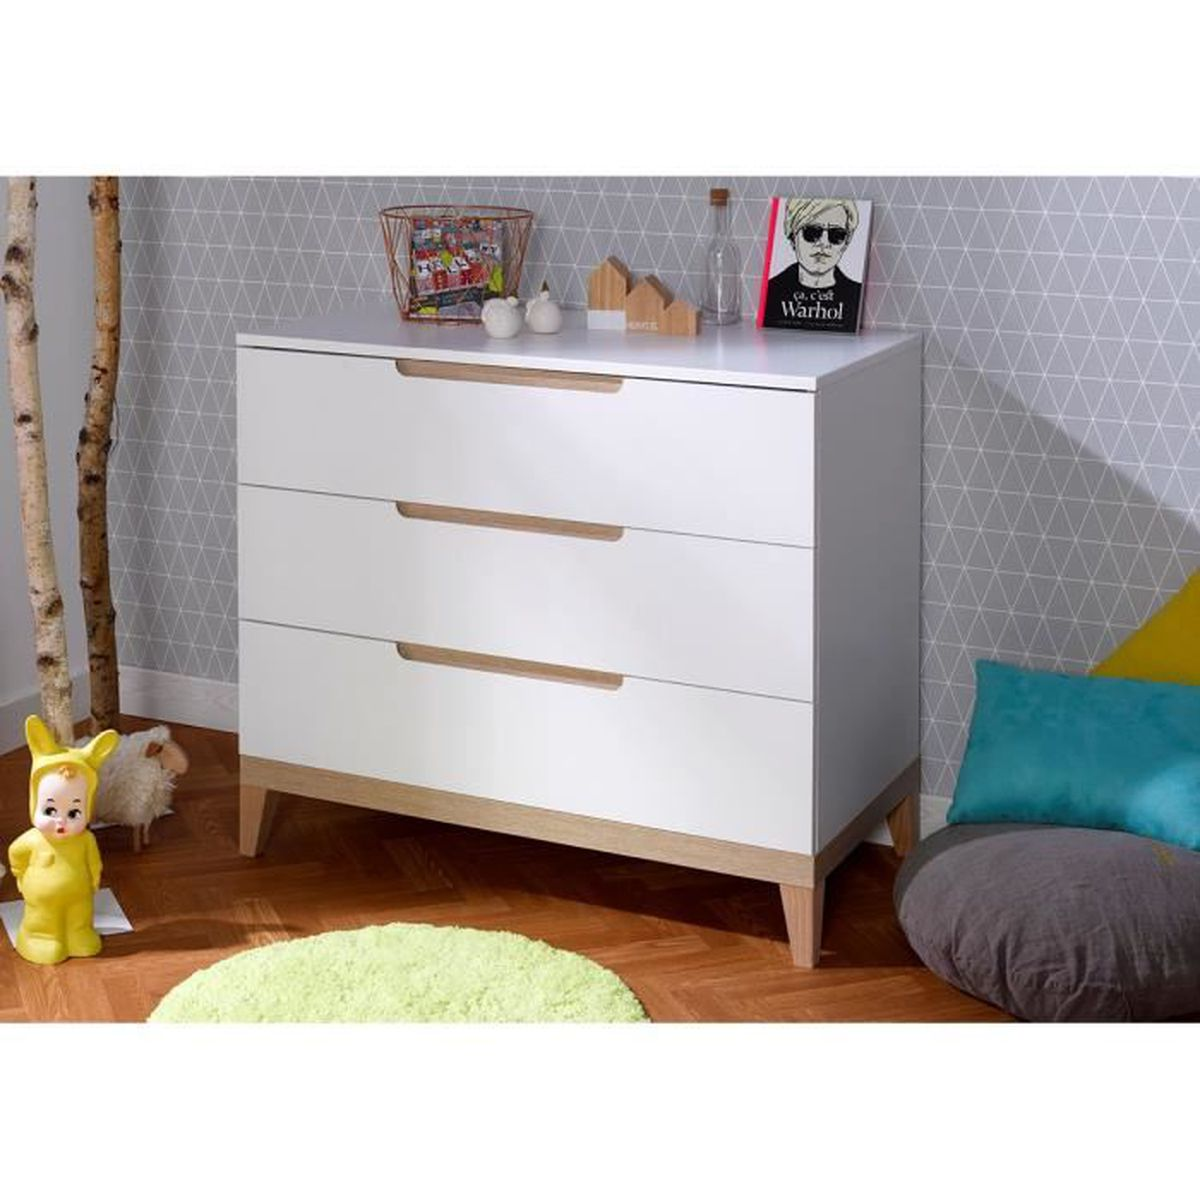 Table À Langer Petite petite chambre bébé avec table à langer blanc blanc - achat